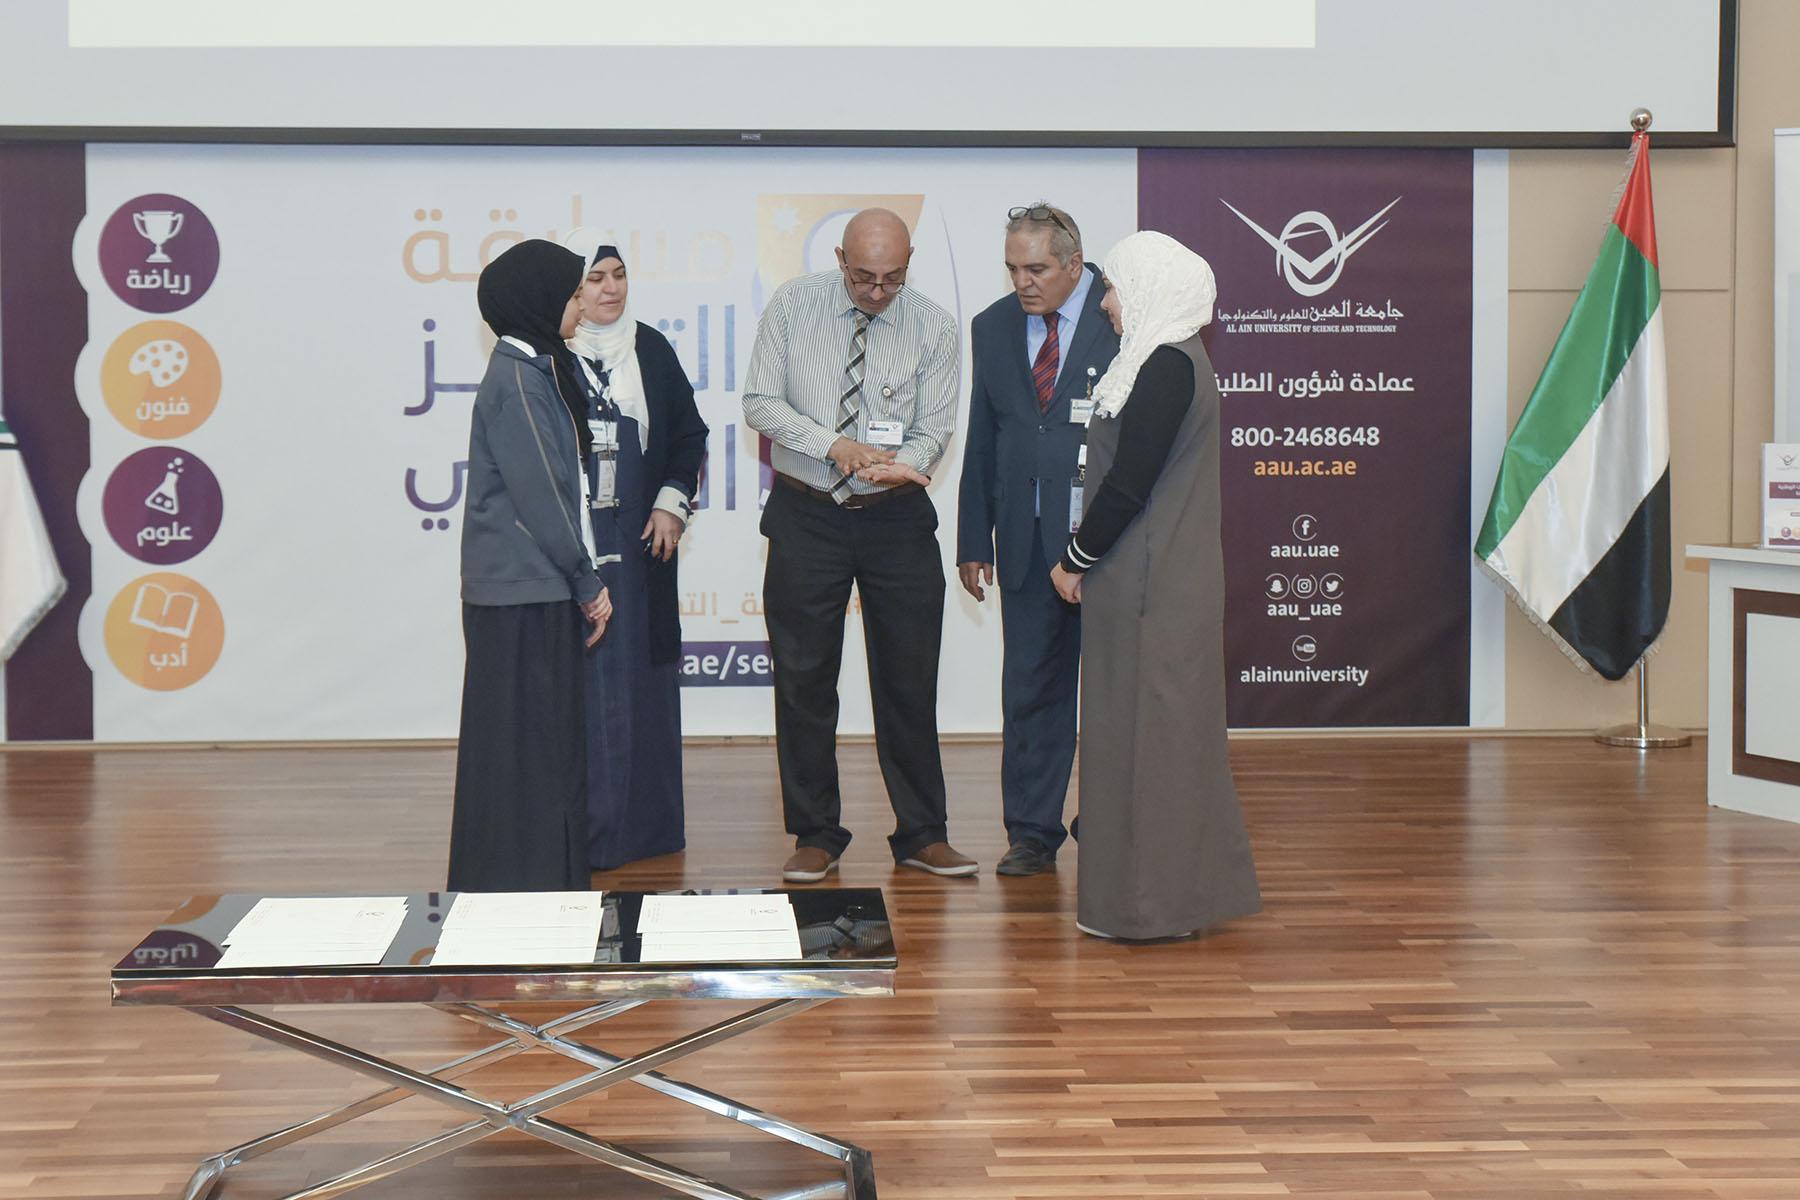 اليوم السابع (مدرسة الإمارات الخاصة- أبوظبي ضد مدرسة الثروات الوطنية الخاصة)